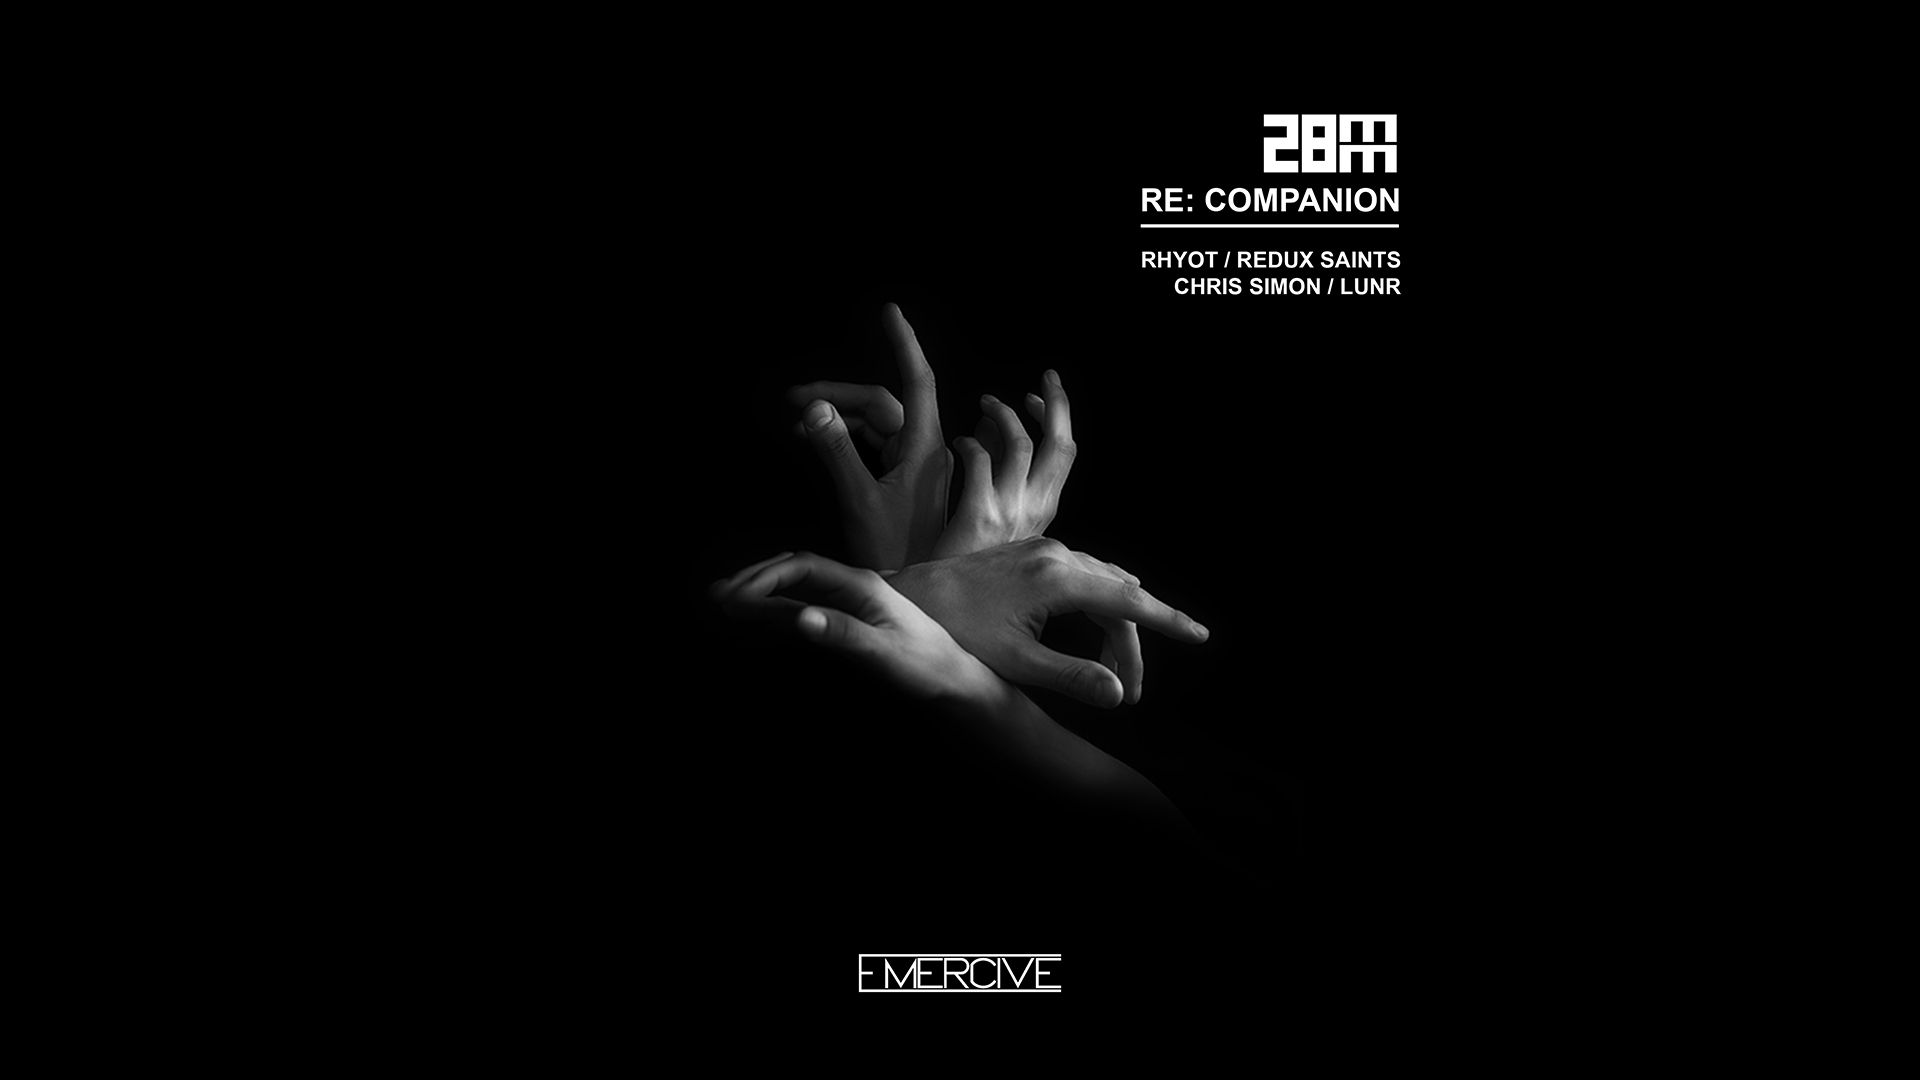 recompanion_cover_16x9